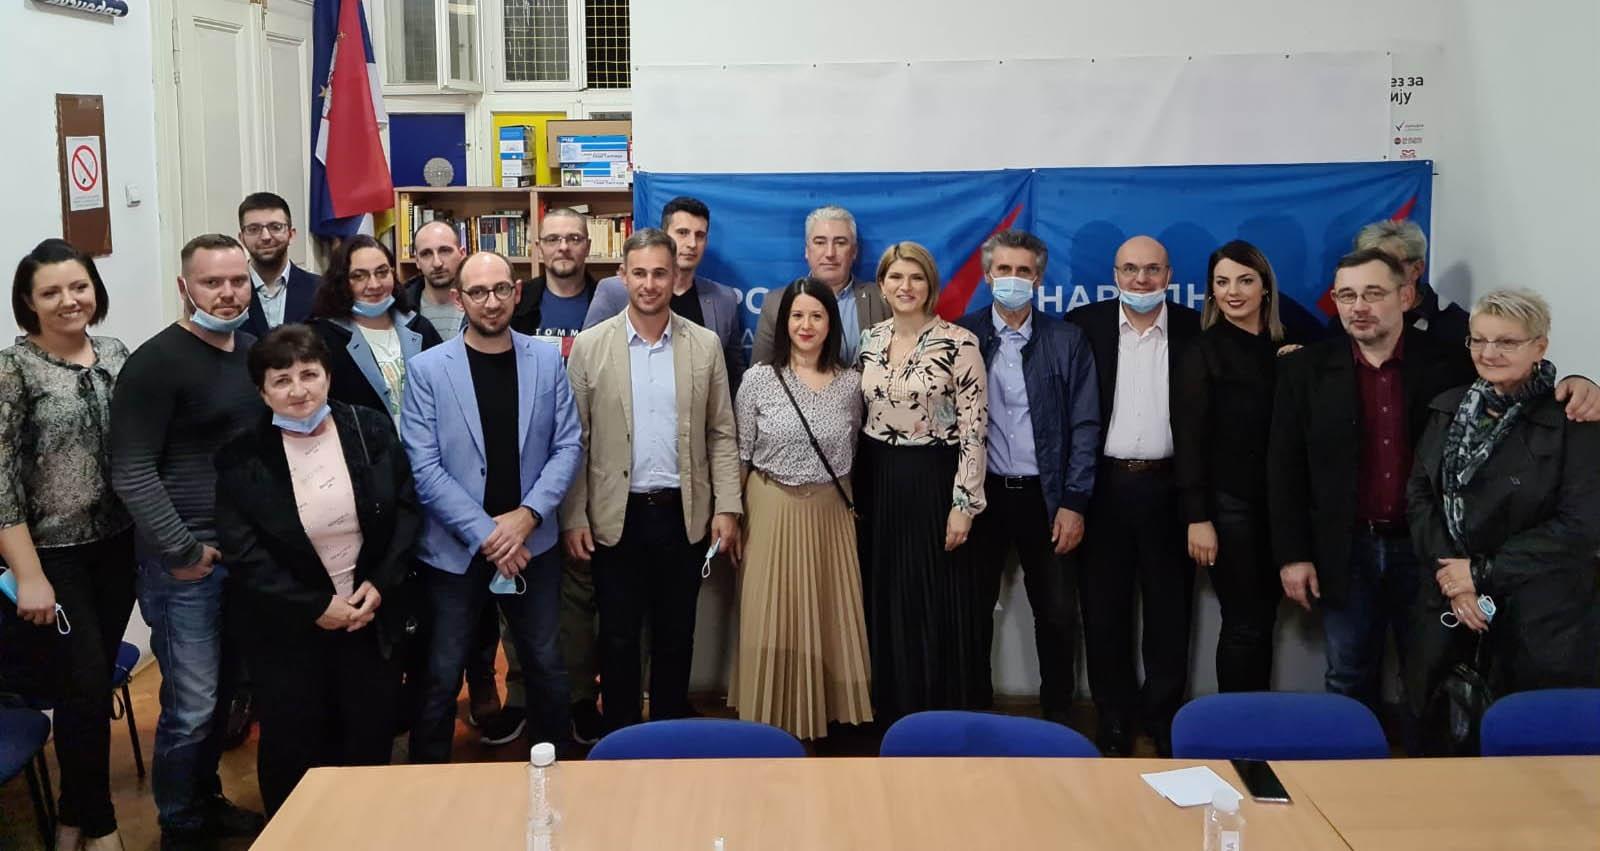 Рума: Основан општински одбор Народне странке